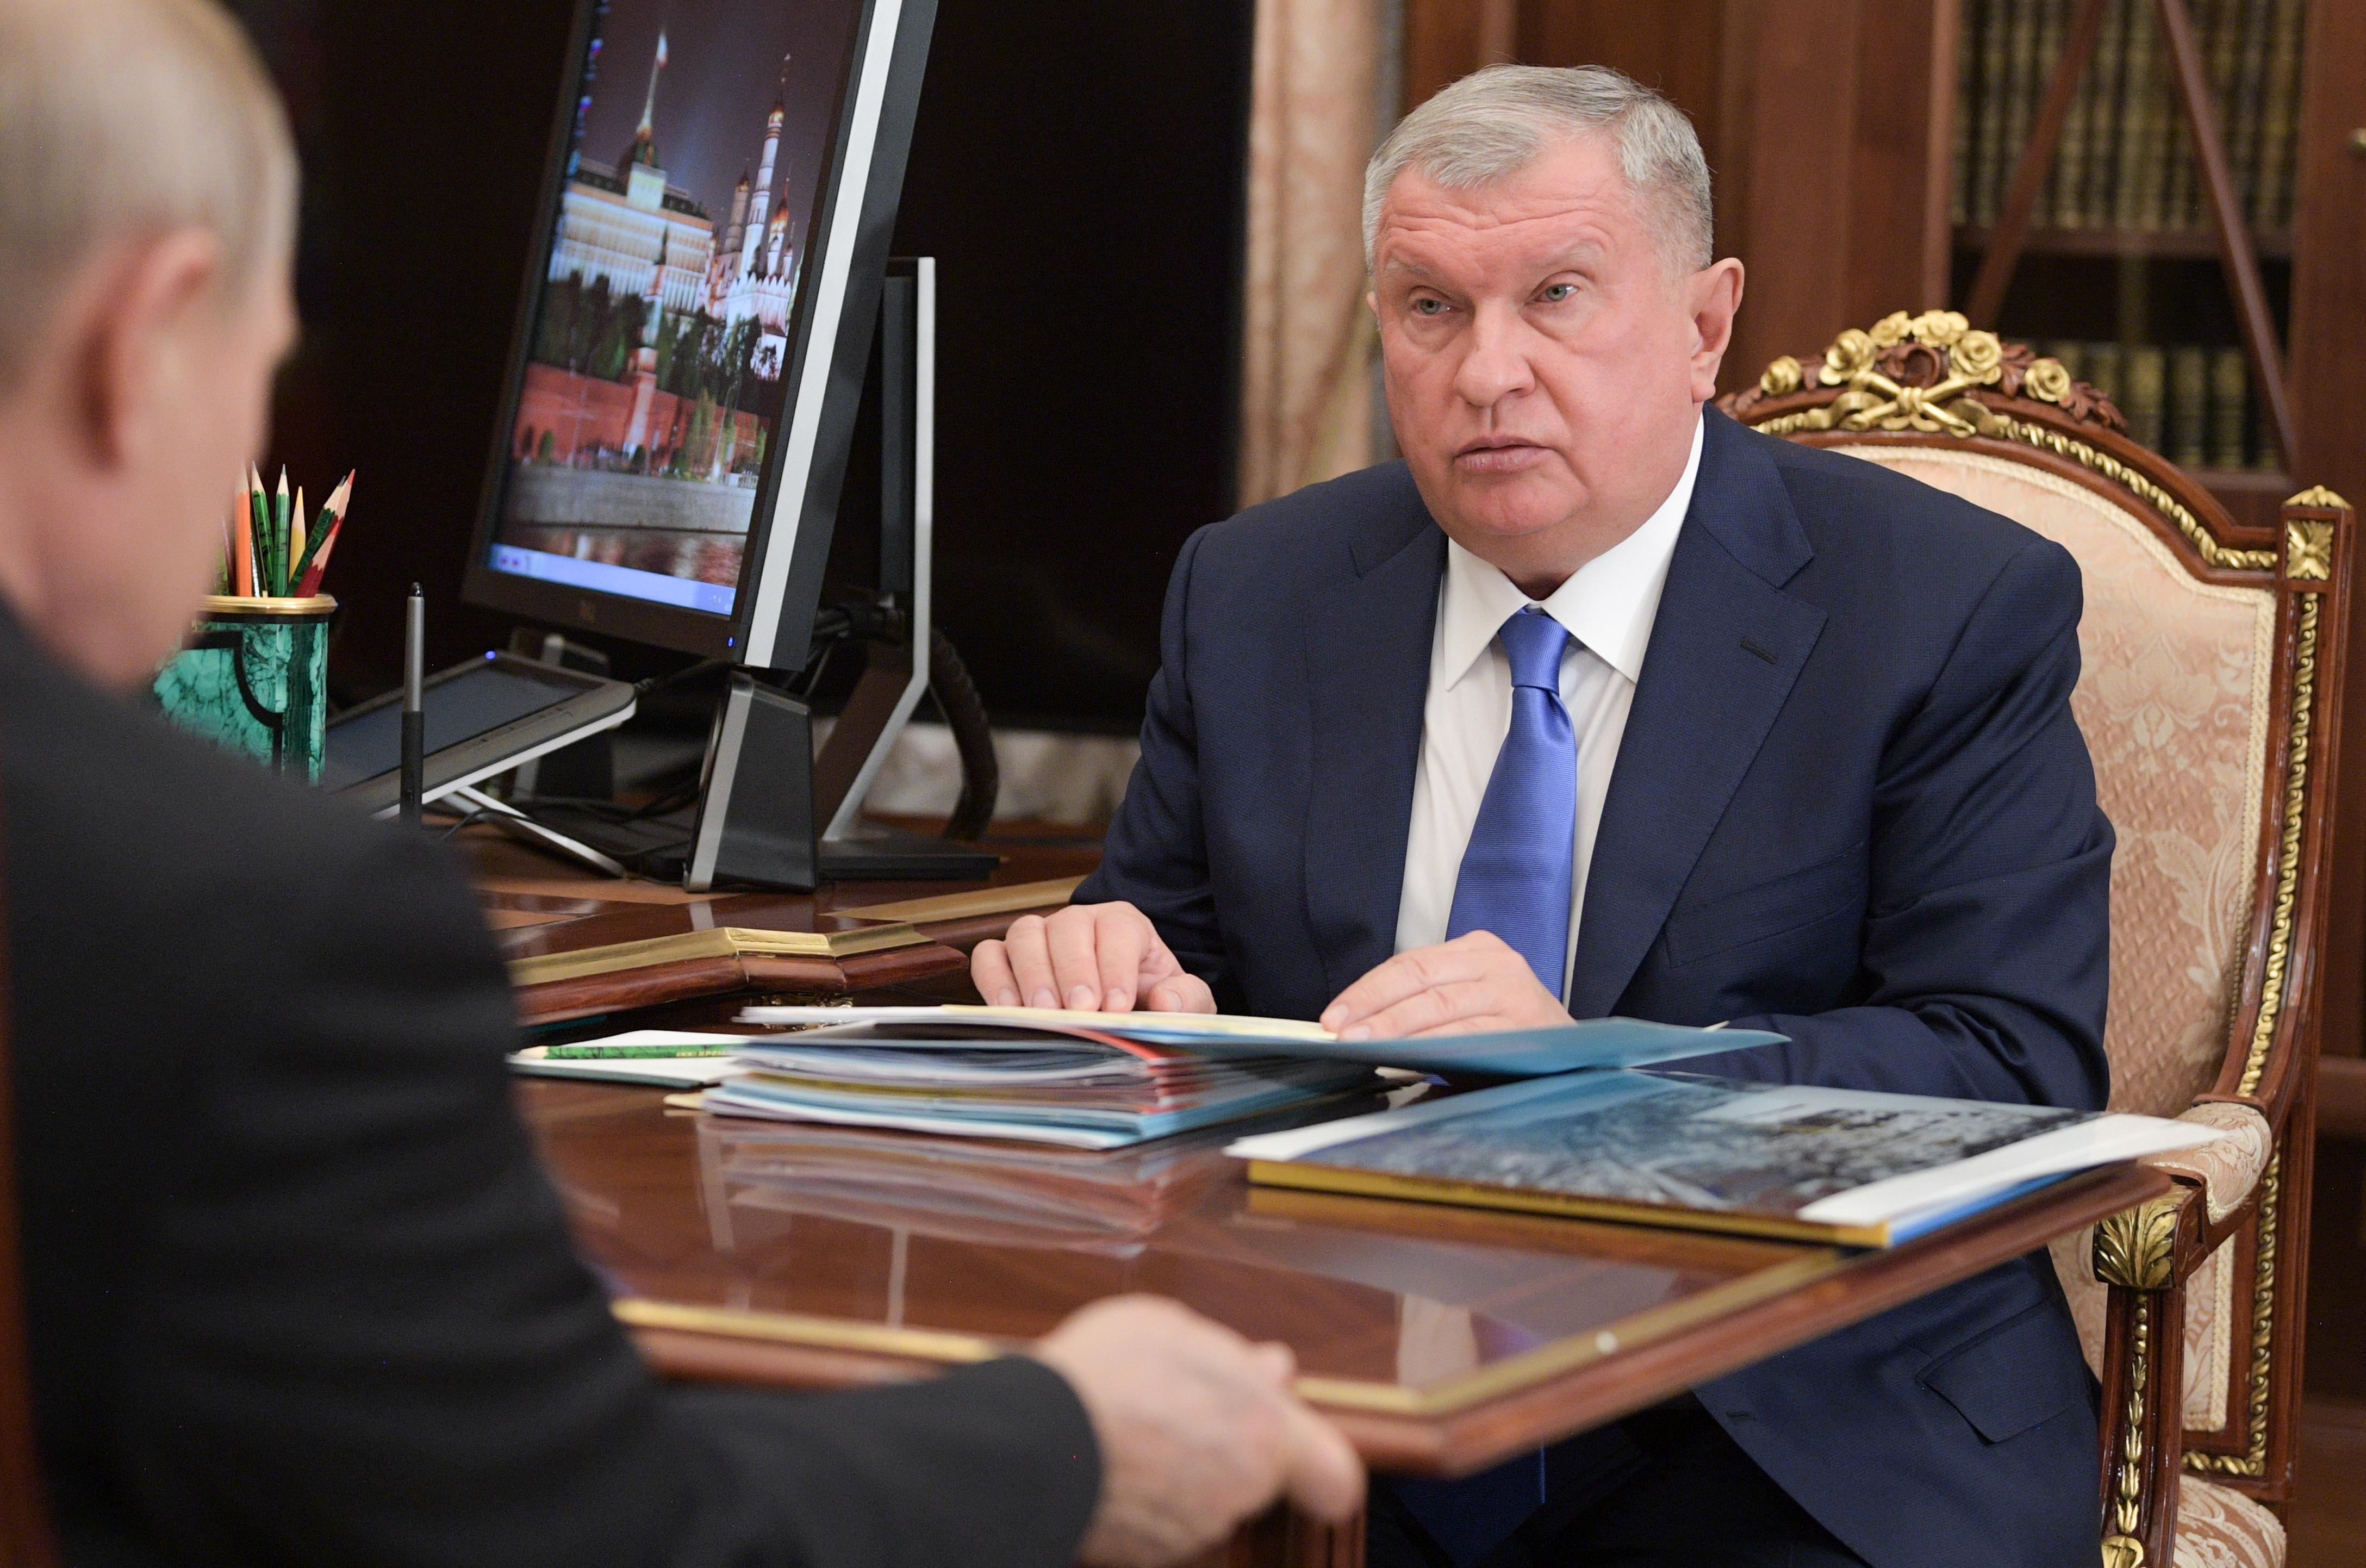 Az orosz állami olajcég gépei valahogy mindig arra repültek, ahol a főnök családja nyaralt